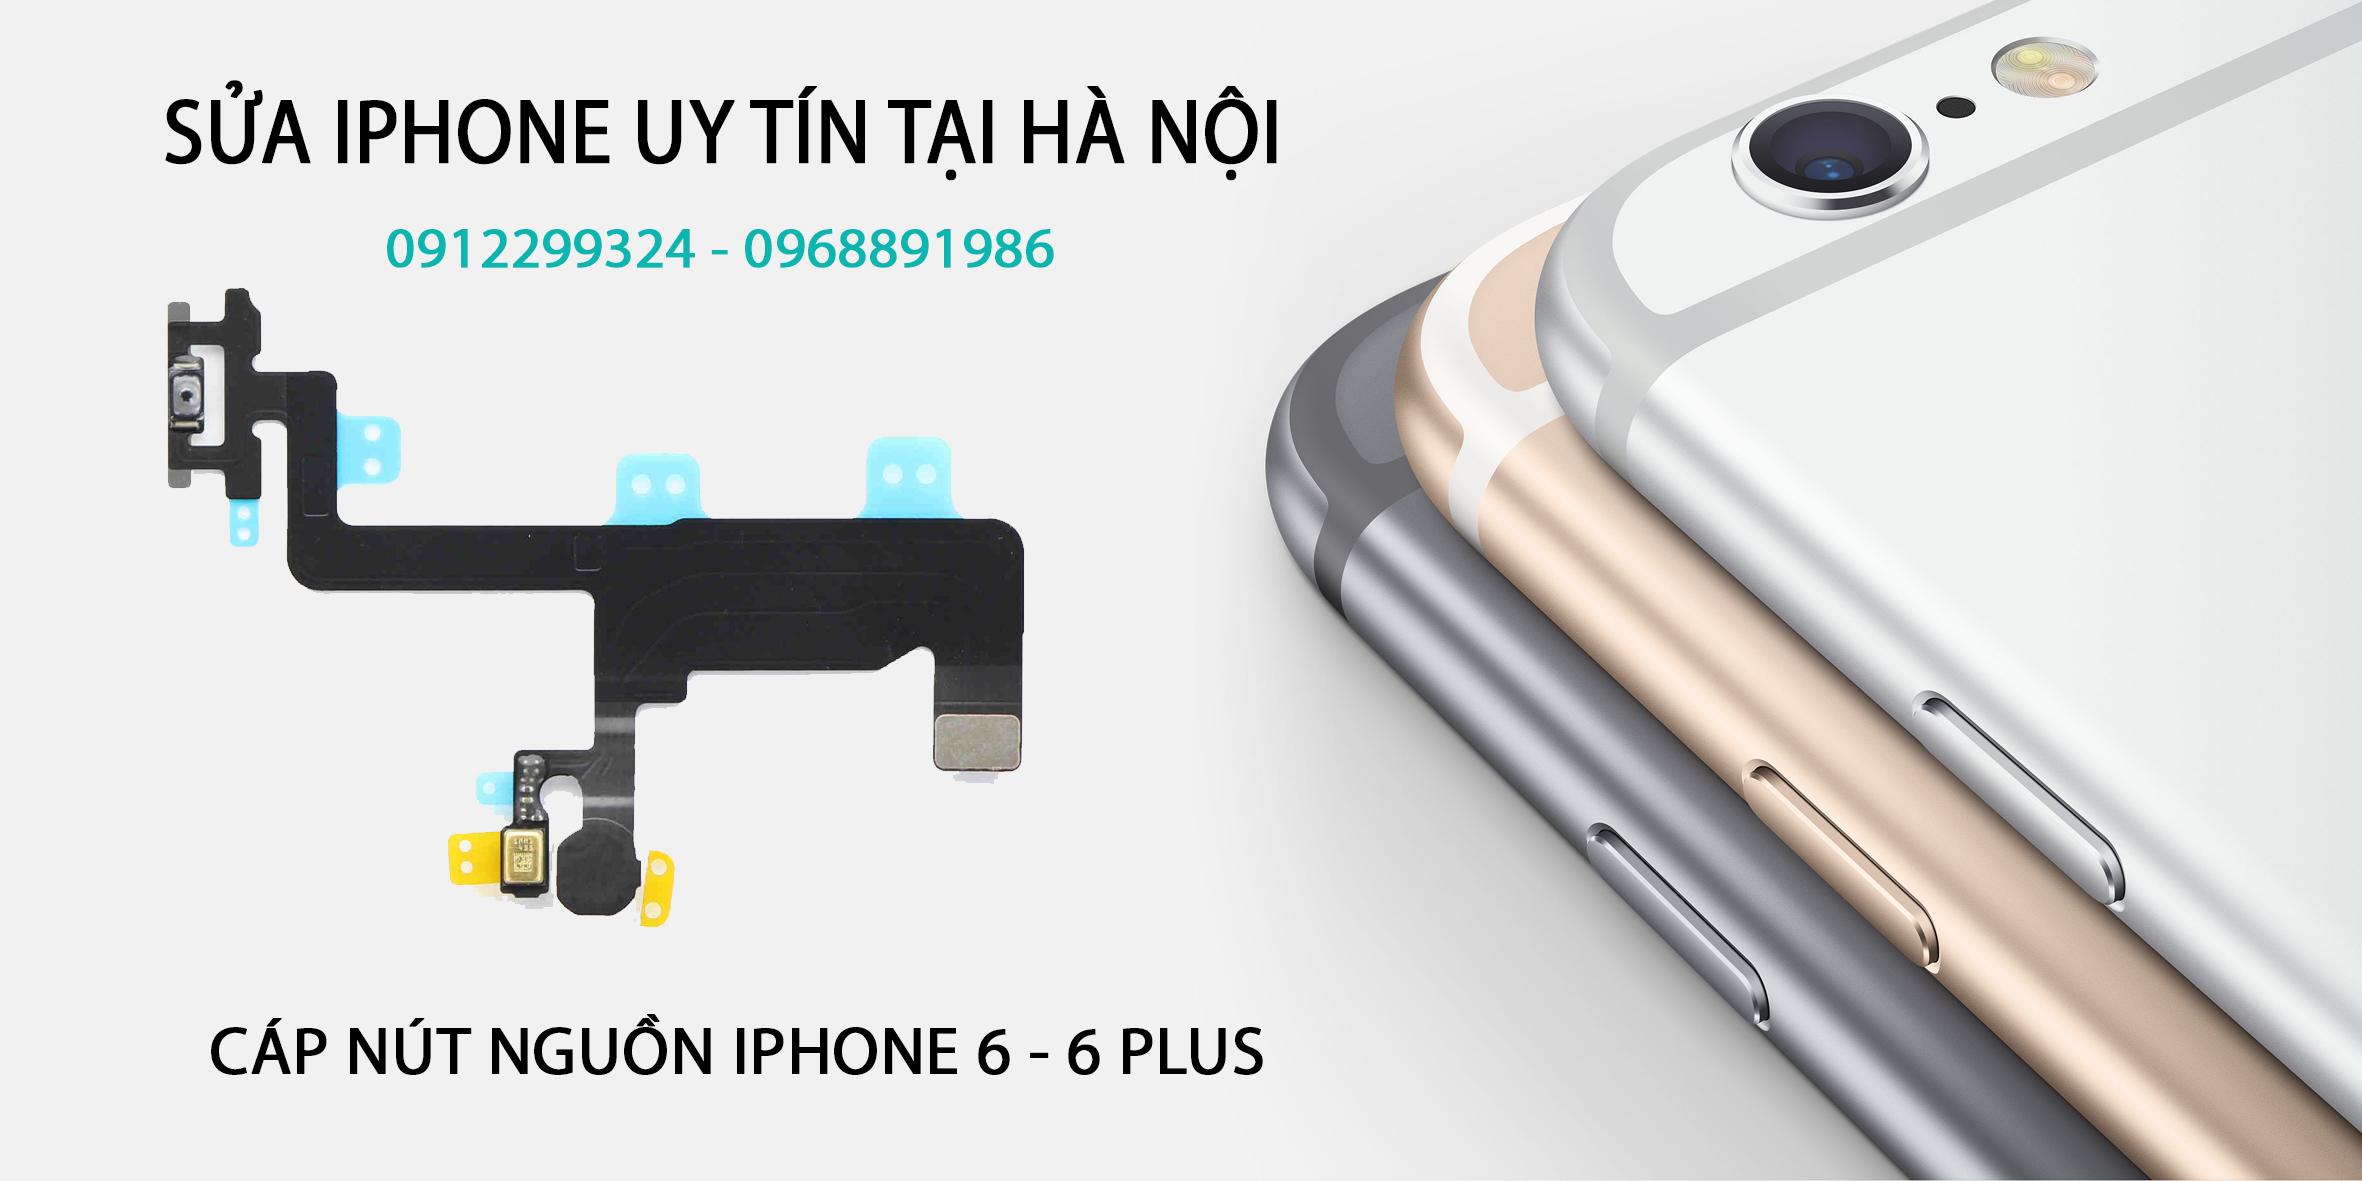 Thay nút nguồn iphone 44s,55s,66s,6,plus chính hãng giá rẻ tại Hà Nội